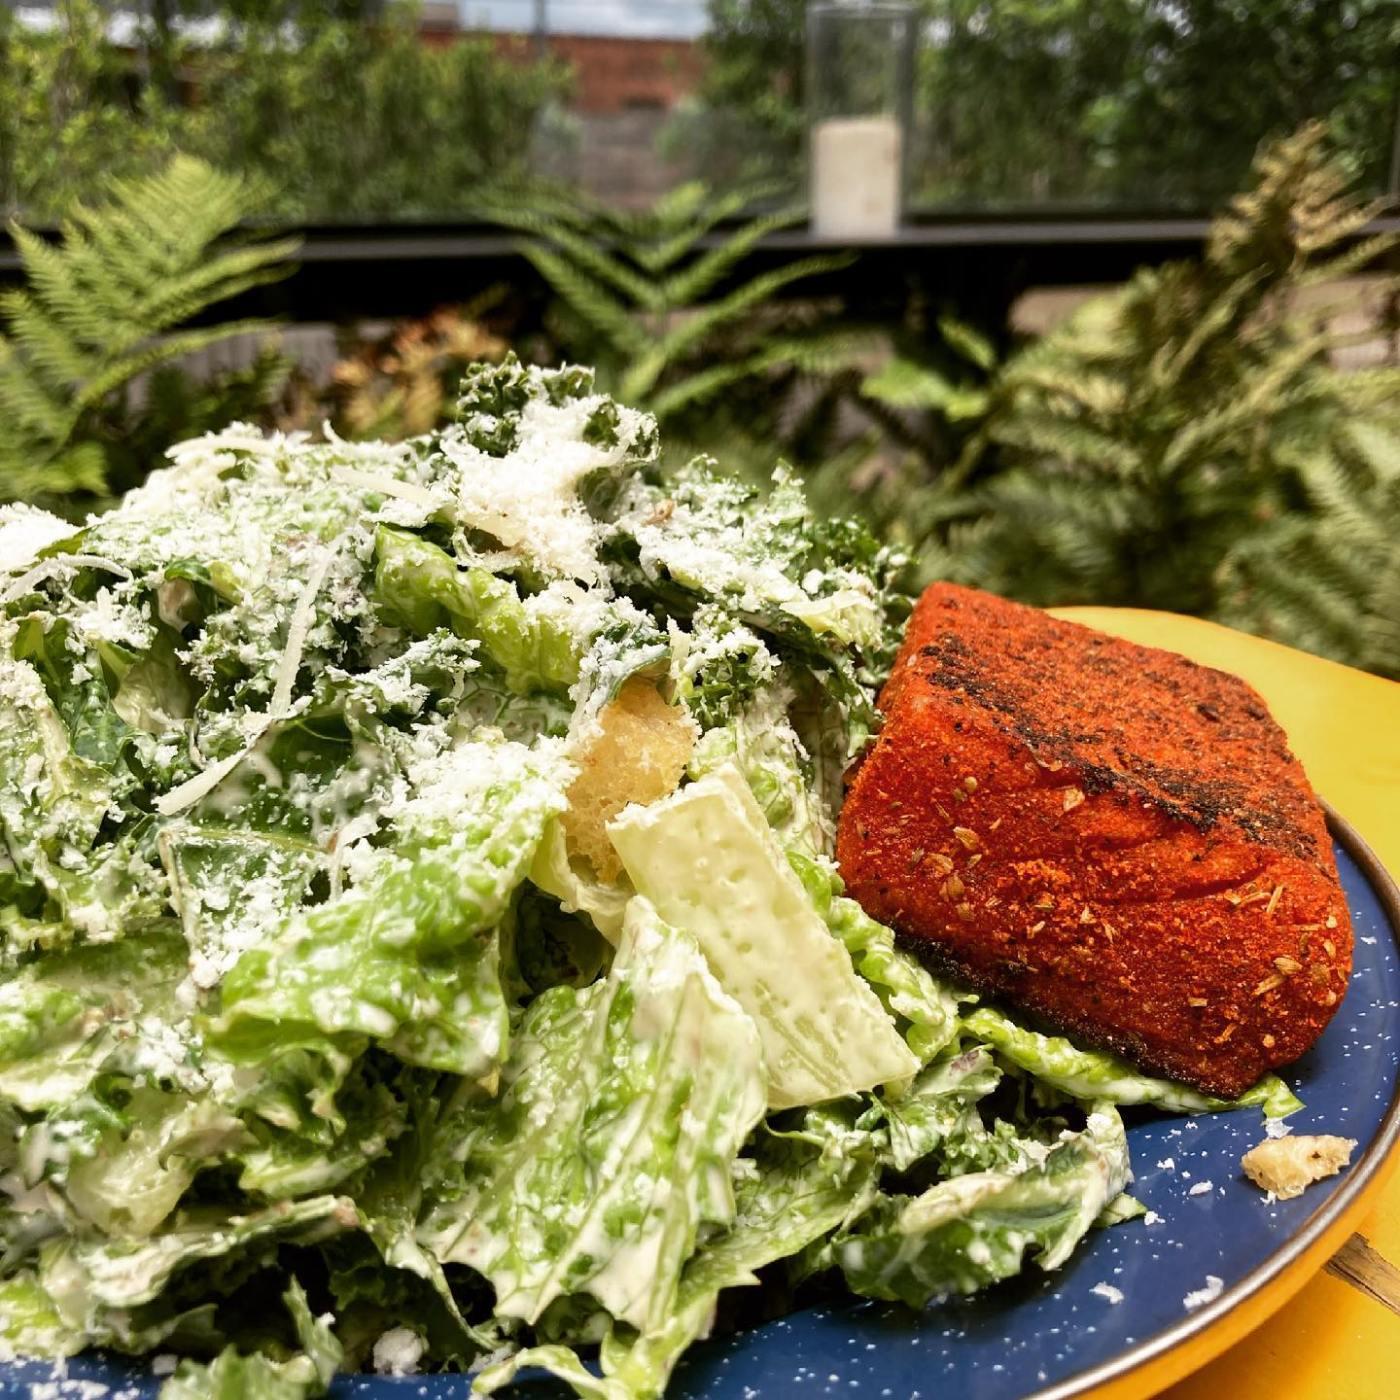 carrigan's salad